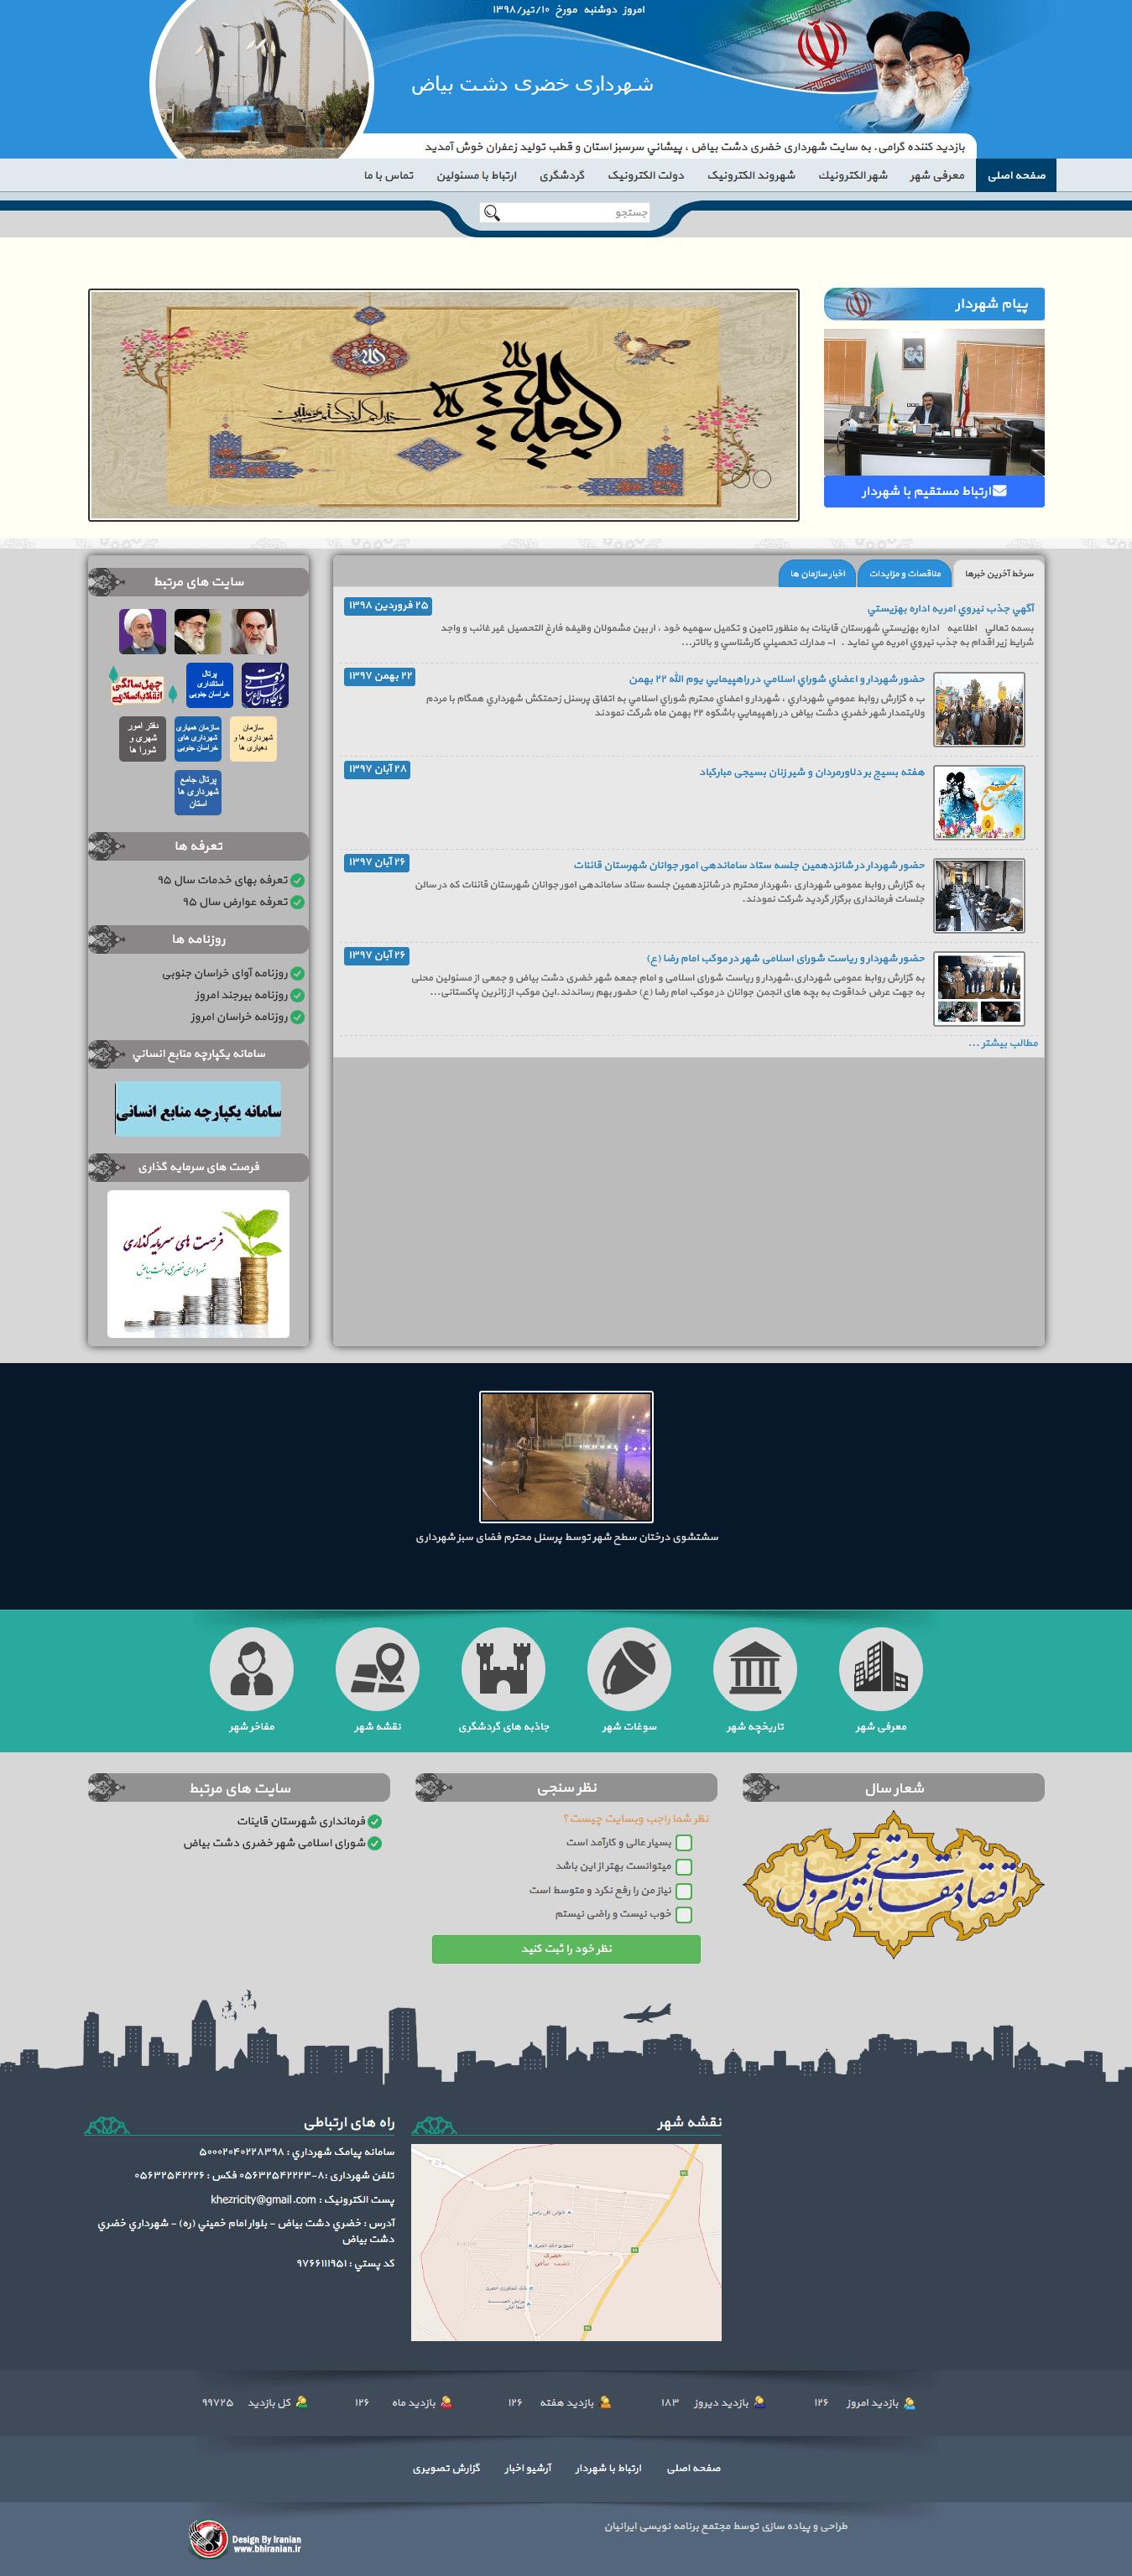 صفحه اصلی سایت شهرداری خضری دشت بیاض